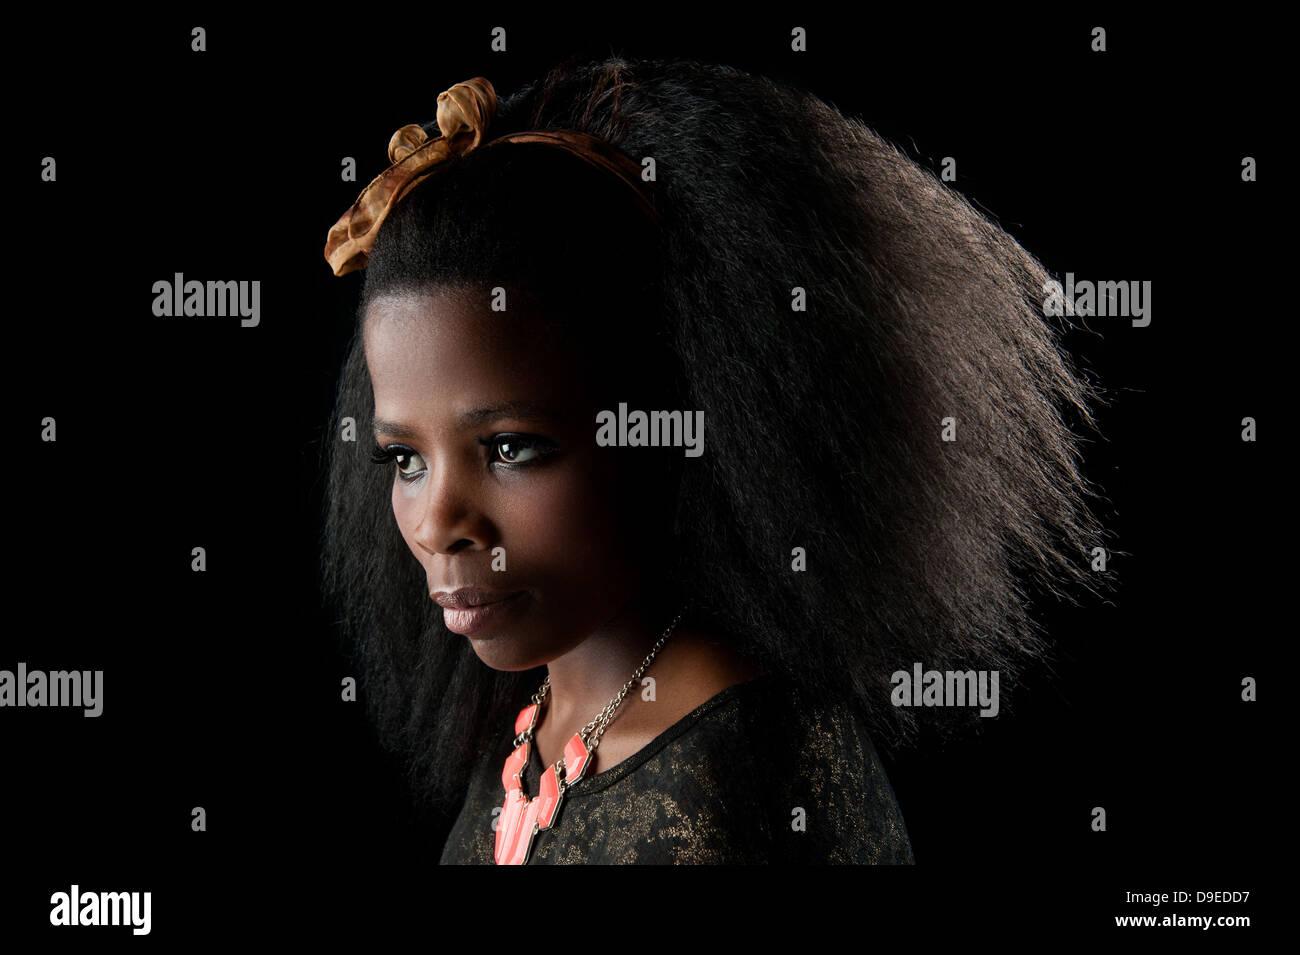 Giovane donna africana con bellissimi capelli afro, un basso background chiave studio shot. Drammatica espressione Immagini Stock